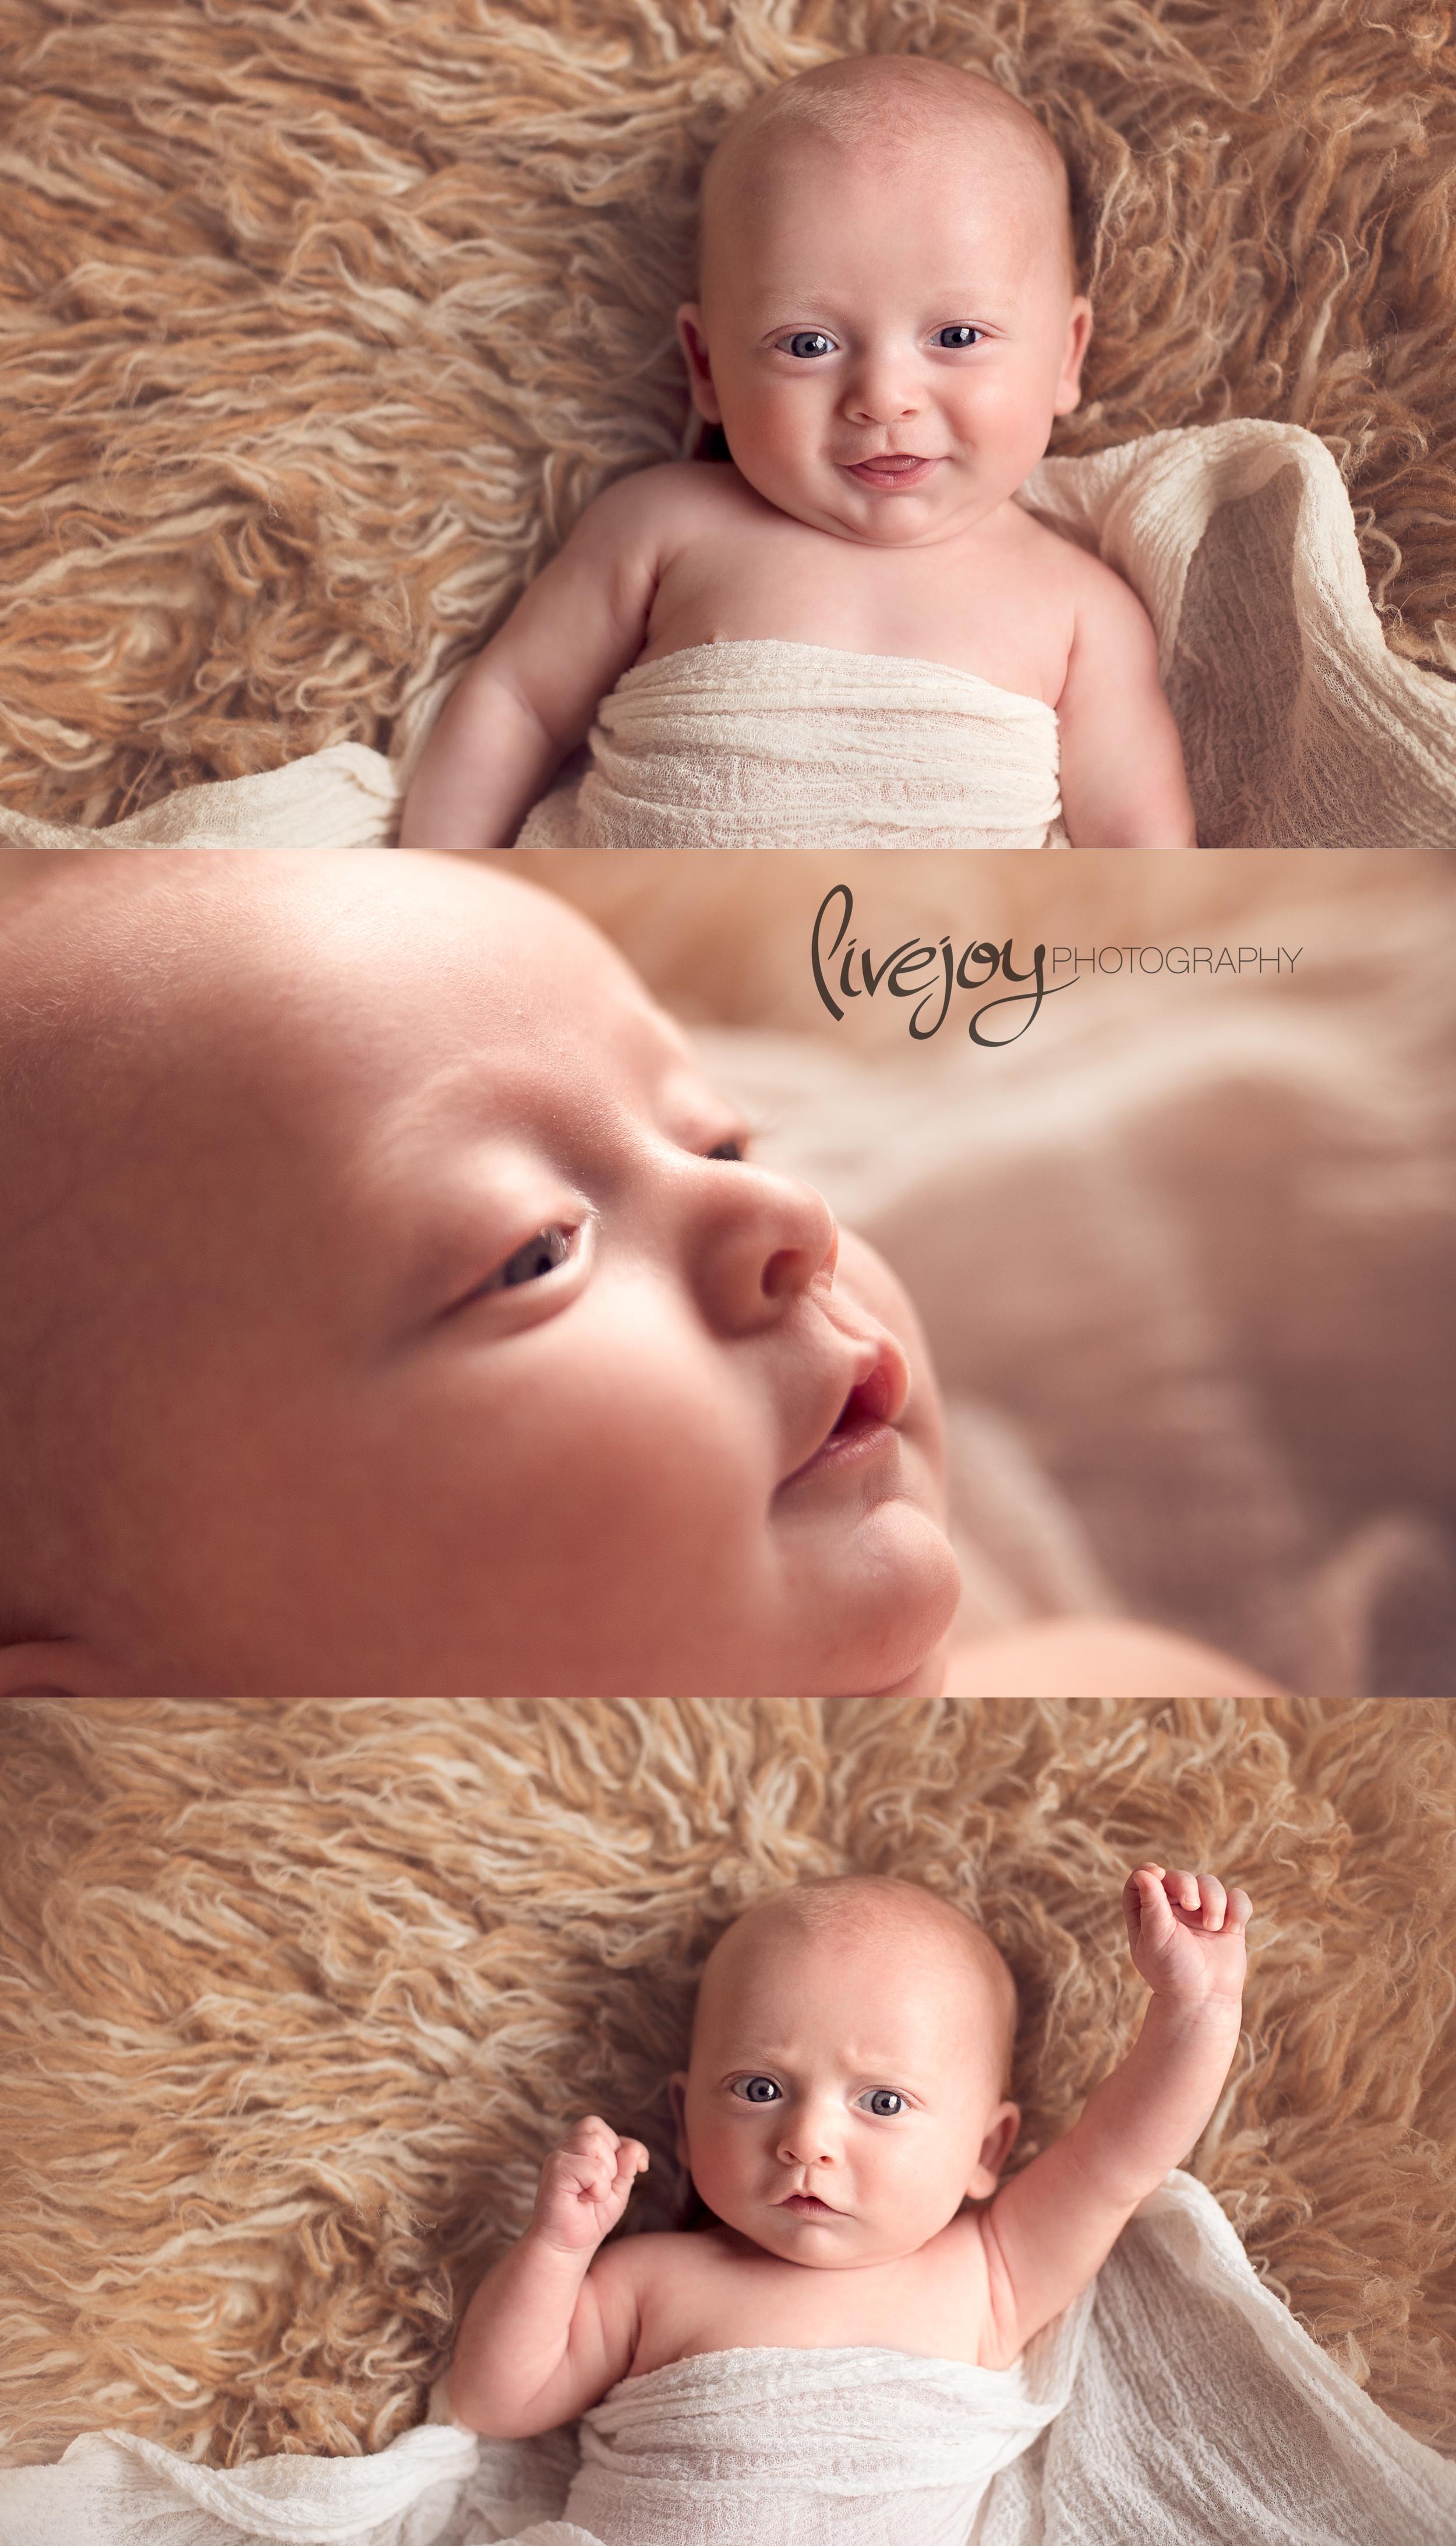 Baby Photos   LiveJoy Photography